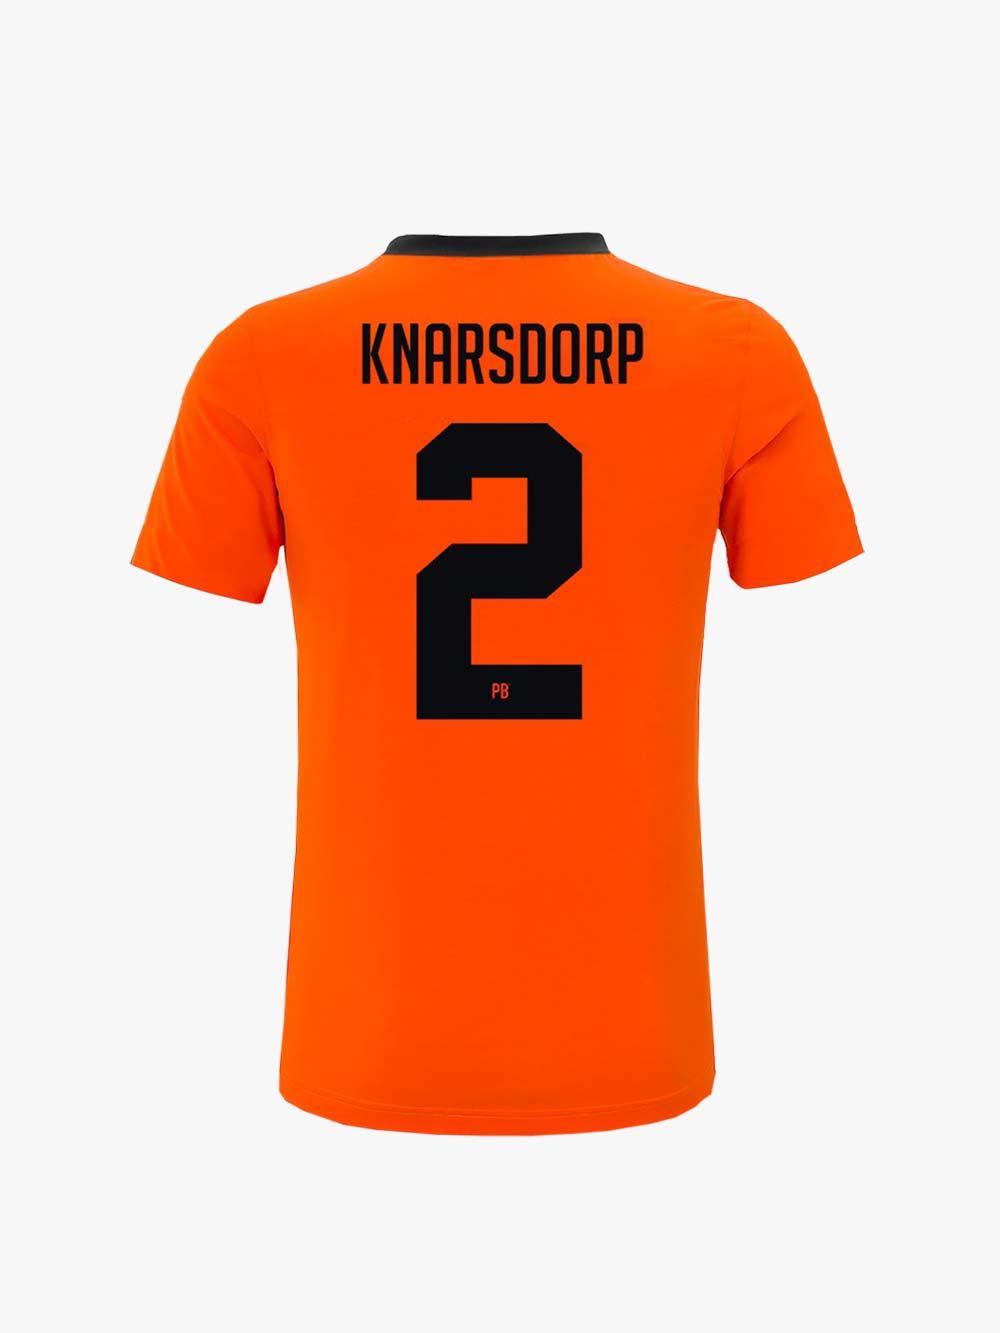 Malelions-2-Knarsdorp-EK2021-shirt-back